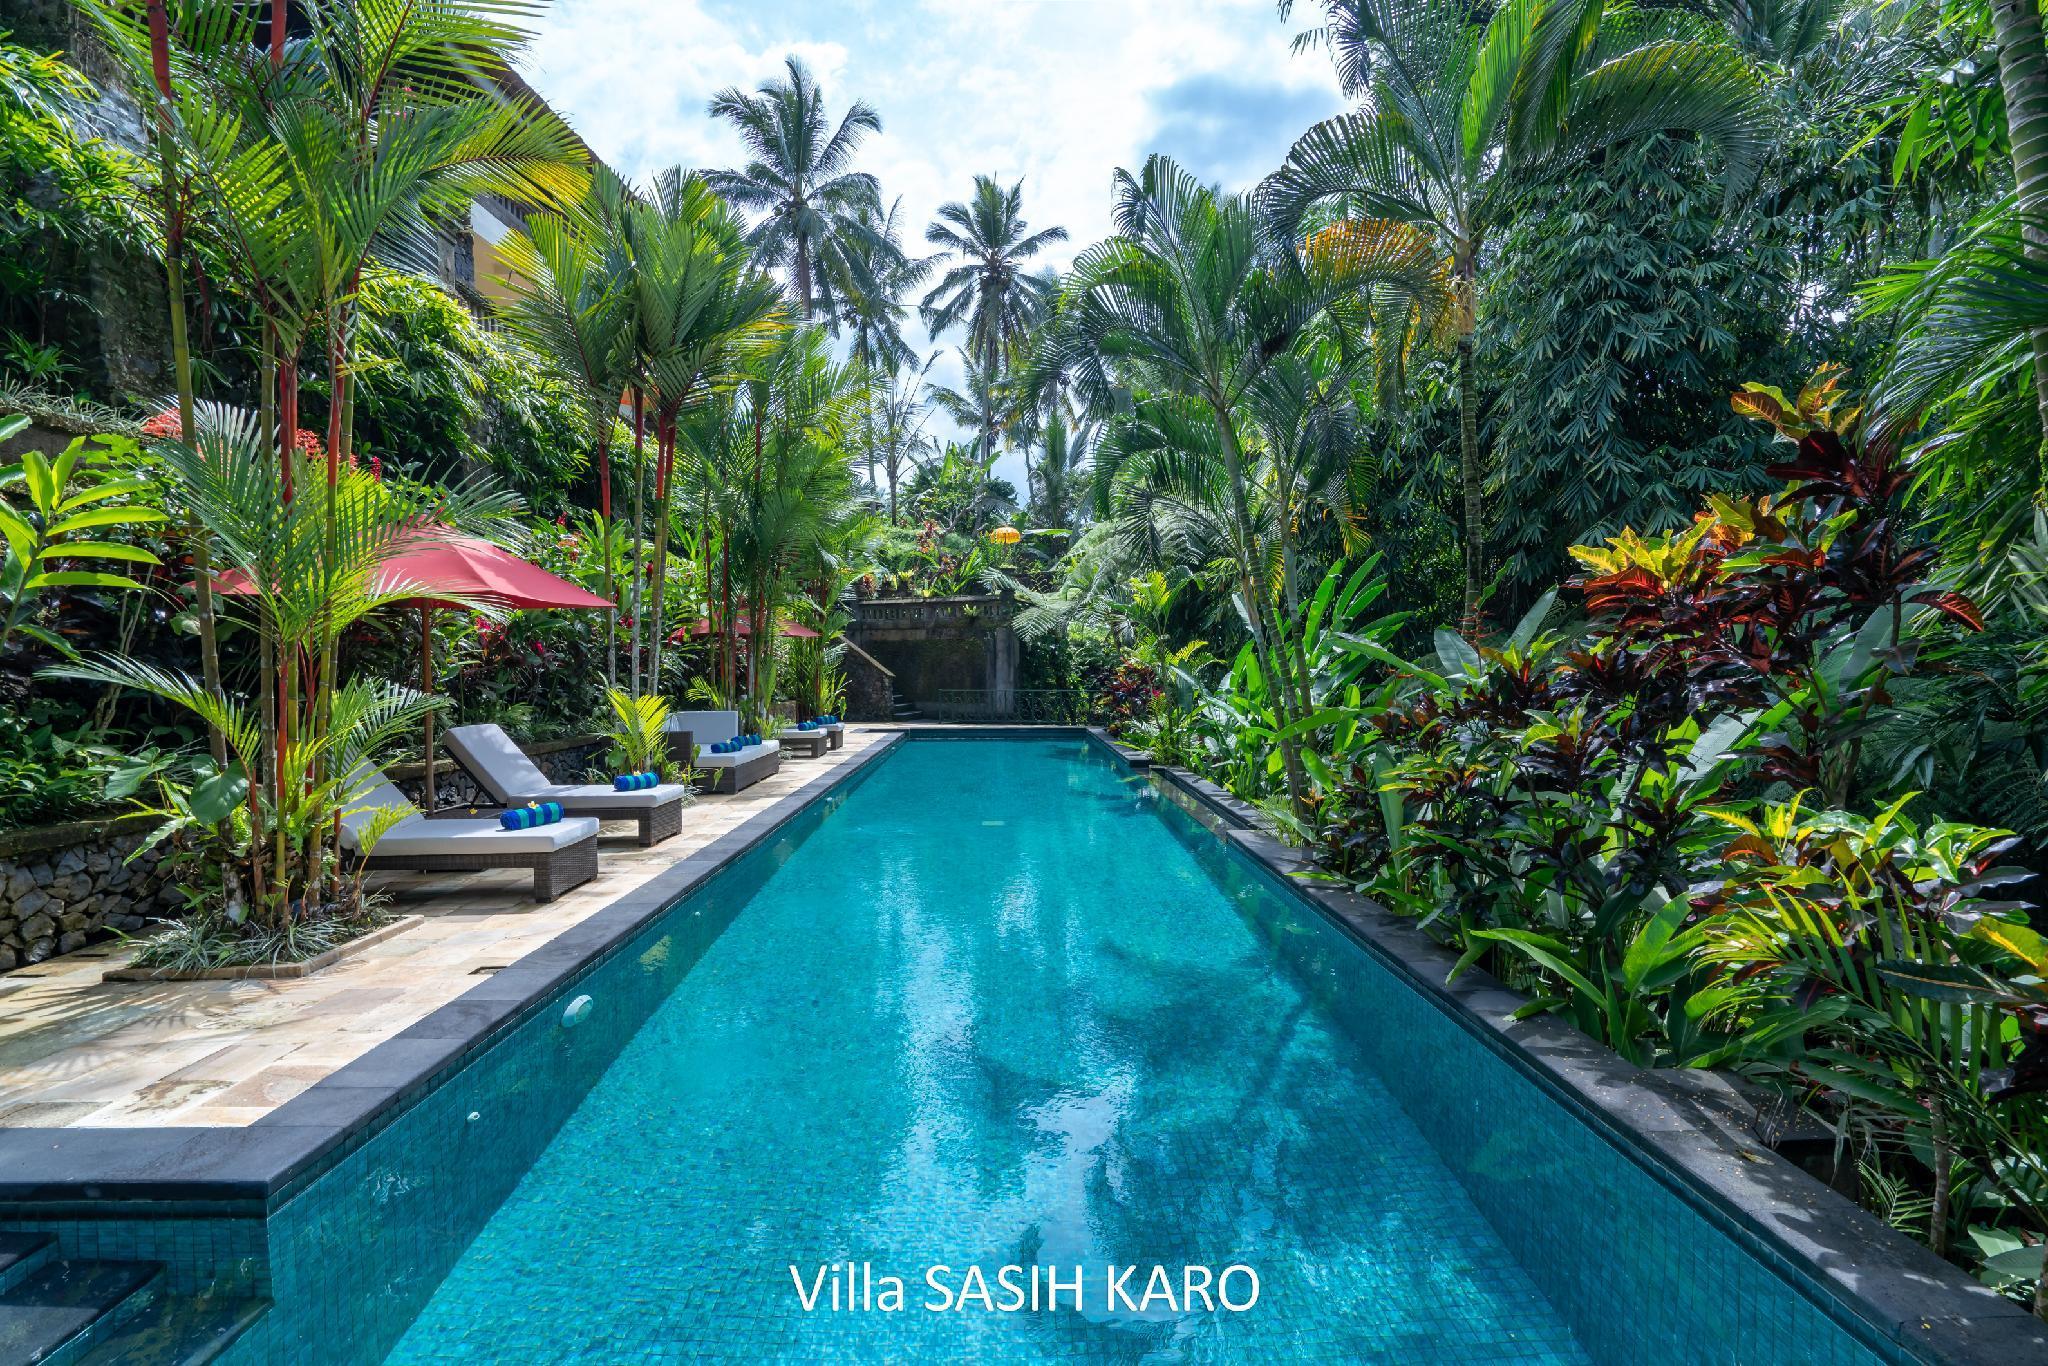 Rouge   Private Villa Sasih Karo